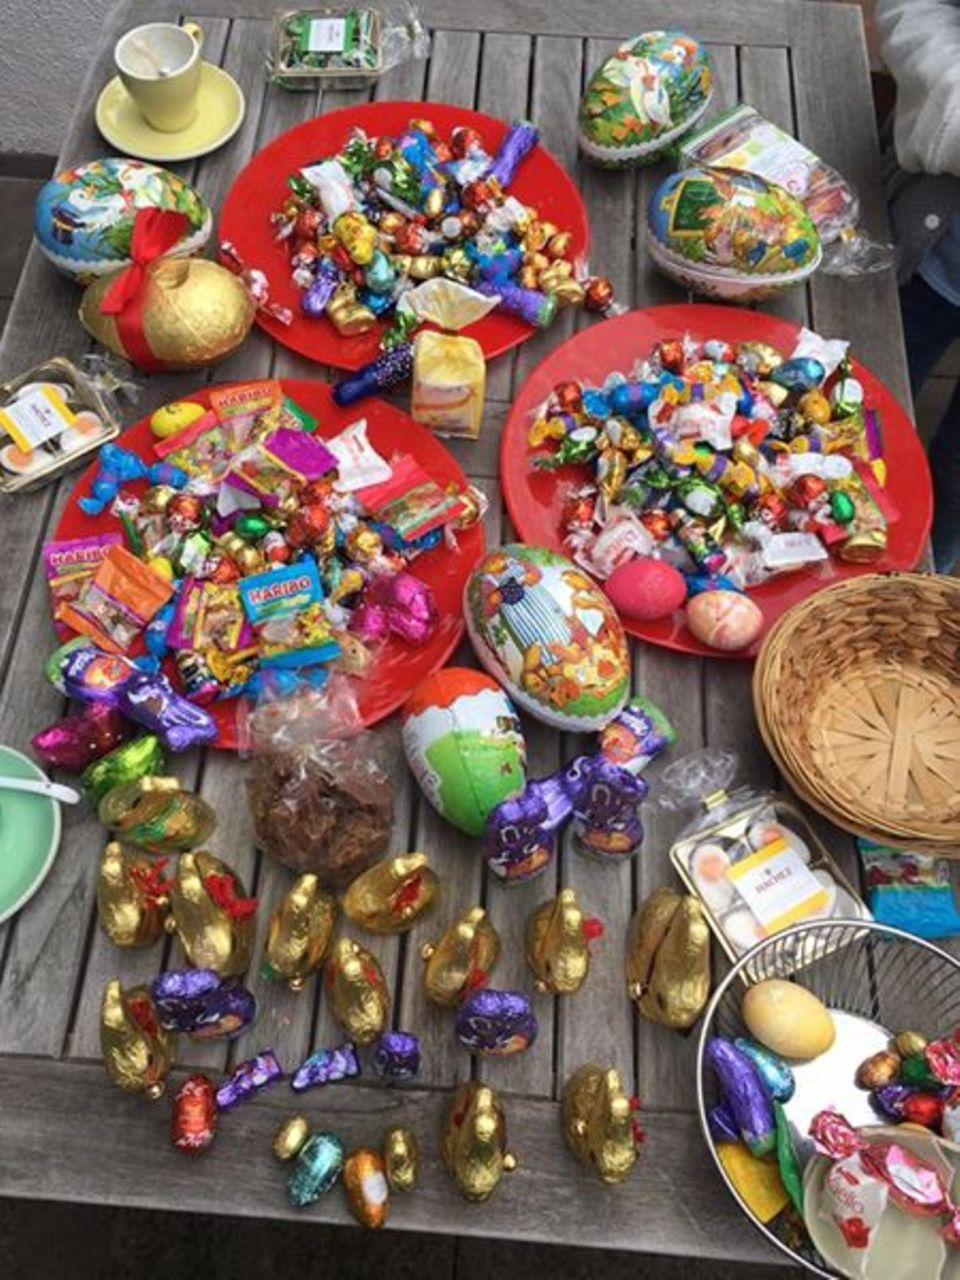 Mit drei Kindern weiß Wotan Wilke Möhring womit er bei seinen Kindern punkten kann. Schokolade! Und davon reichlich.